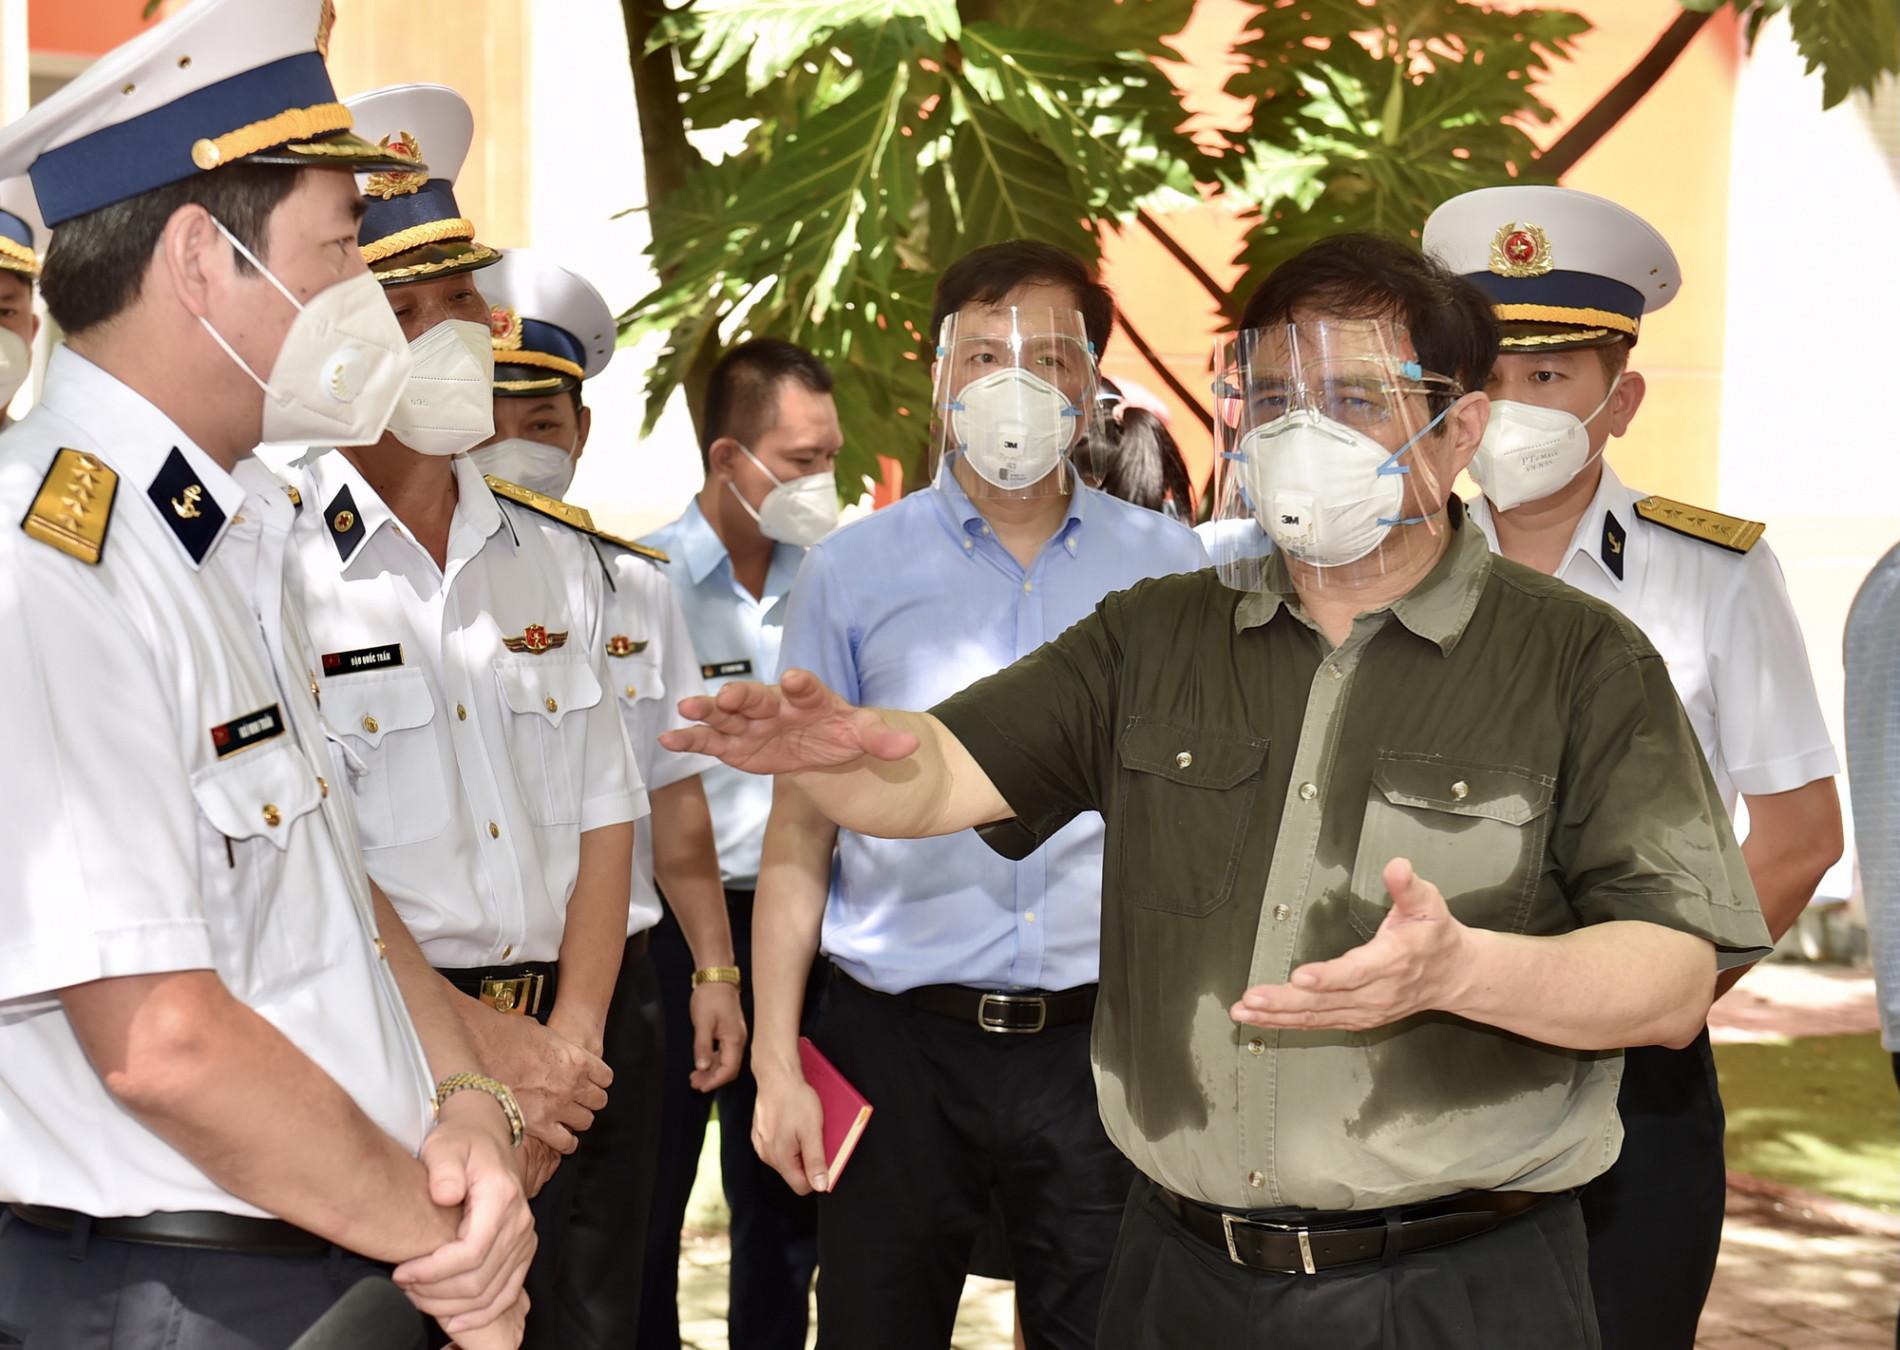 Khi Thủ tướng truy bài và người dân chấm điểm quan chức - Ảnh 3.